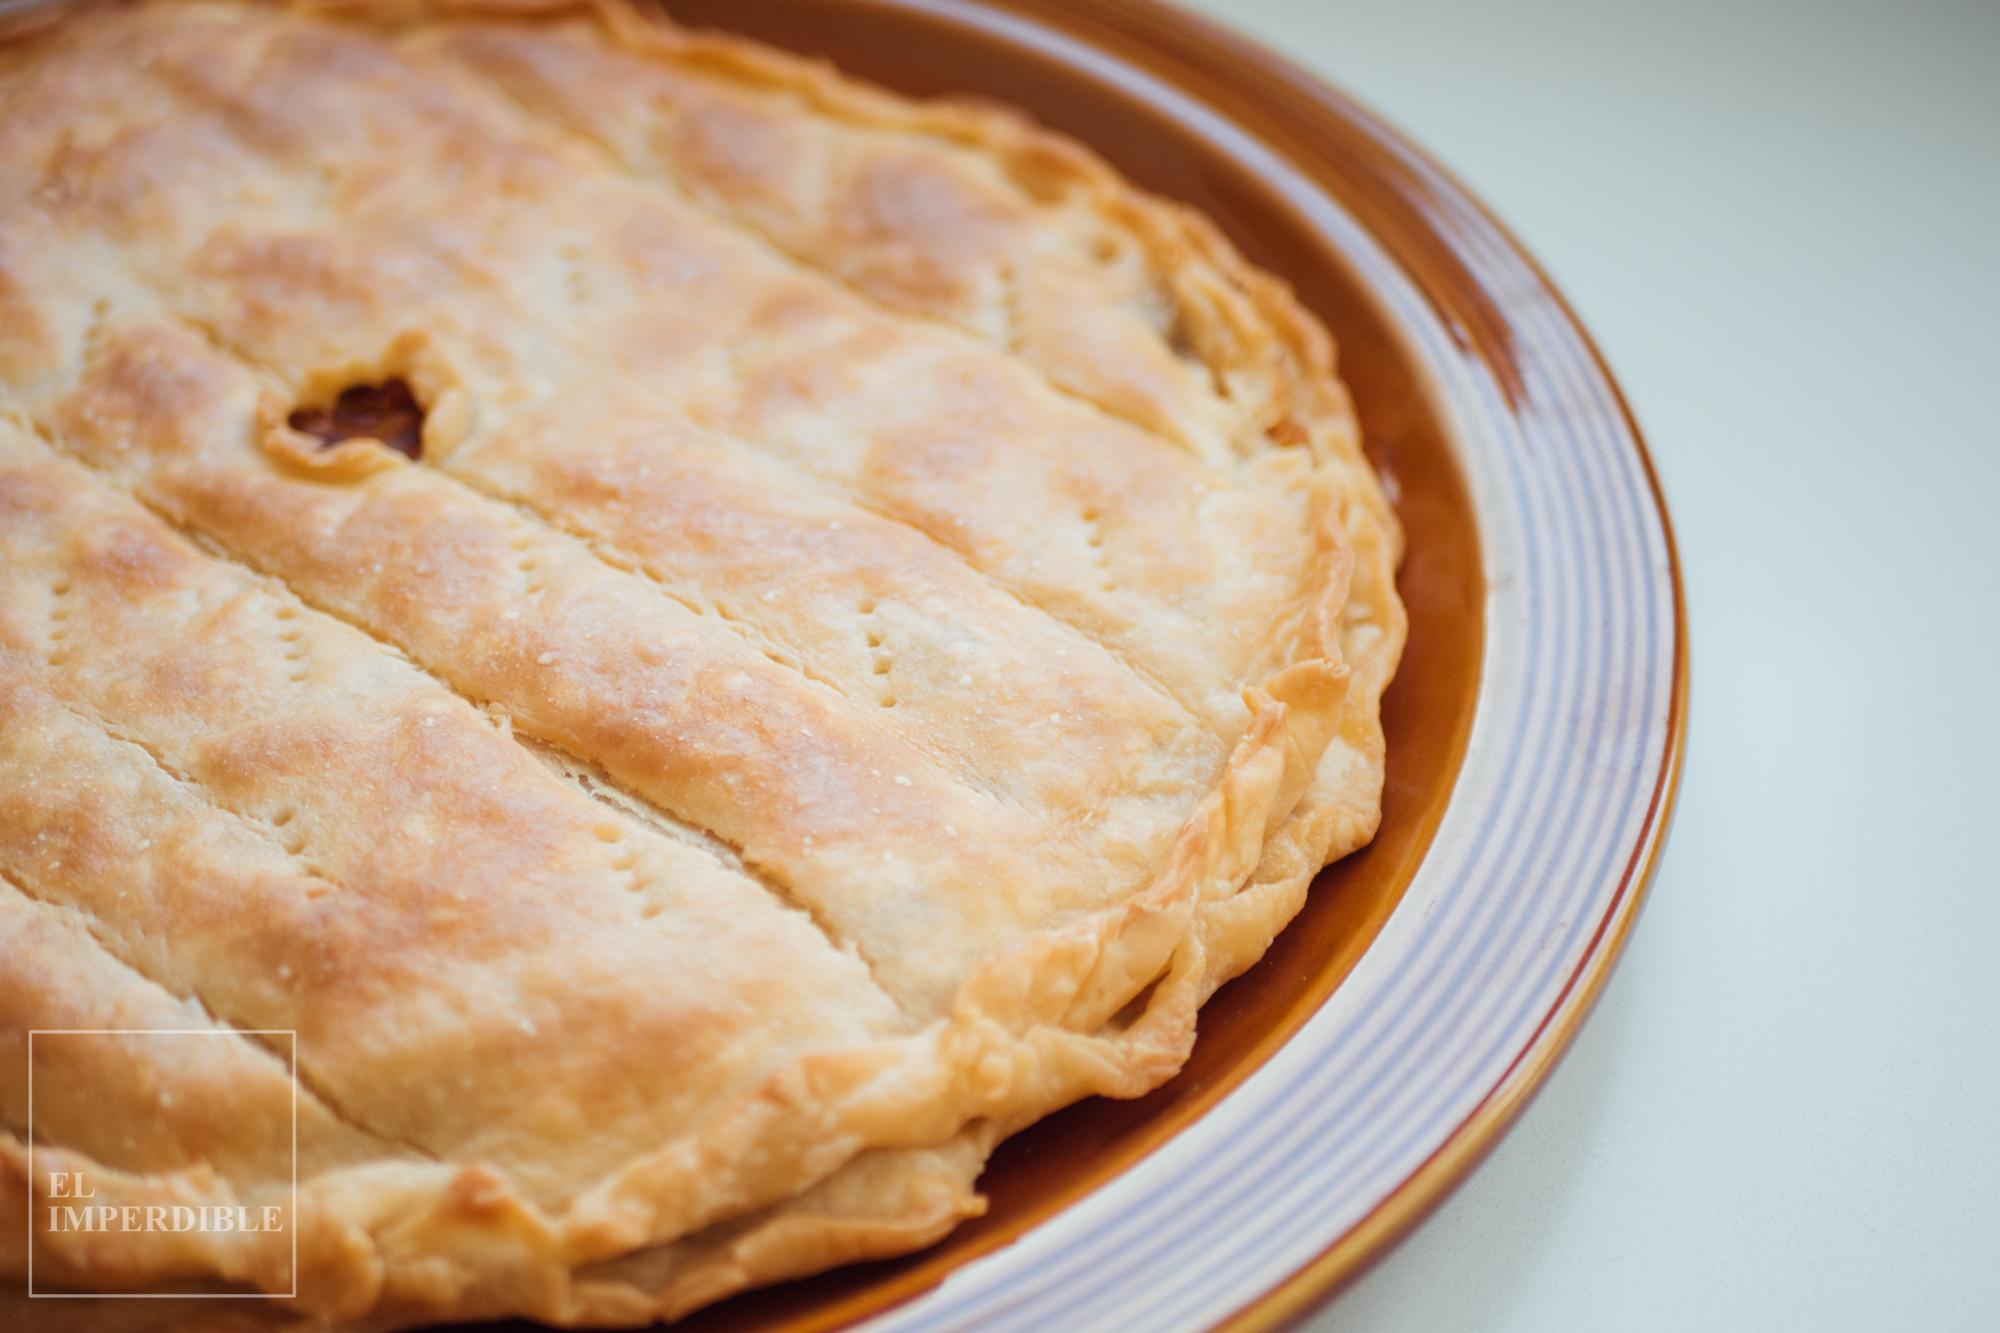 Cómo hacer empanada de bacalao - Receta gallega rápida y sencilla